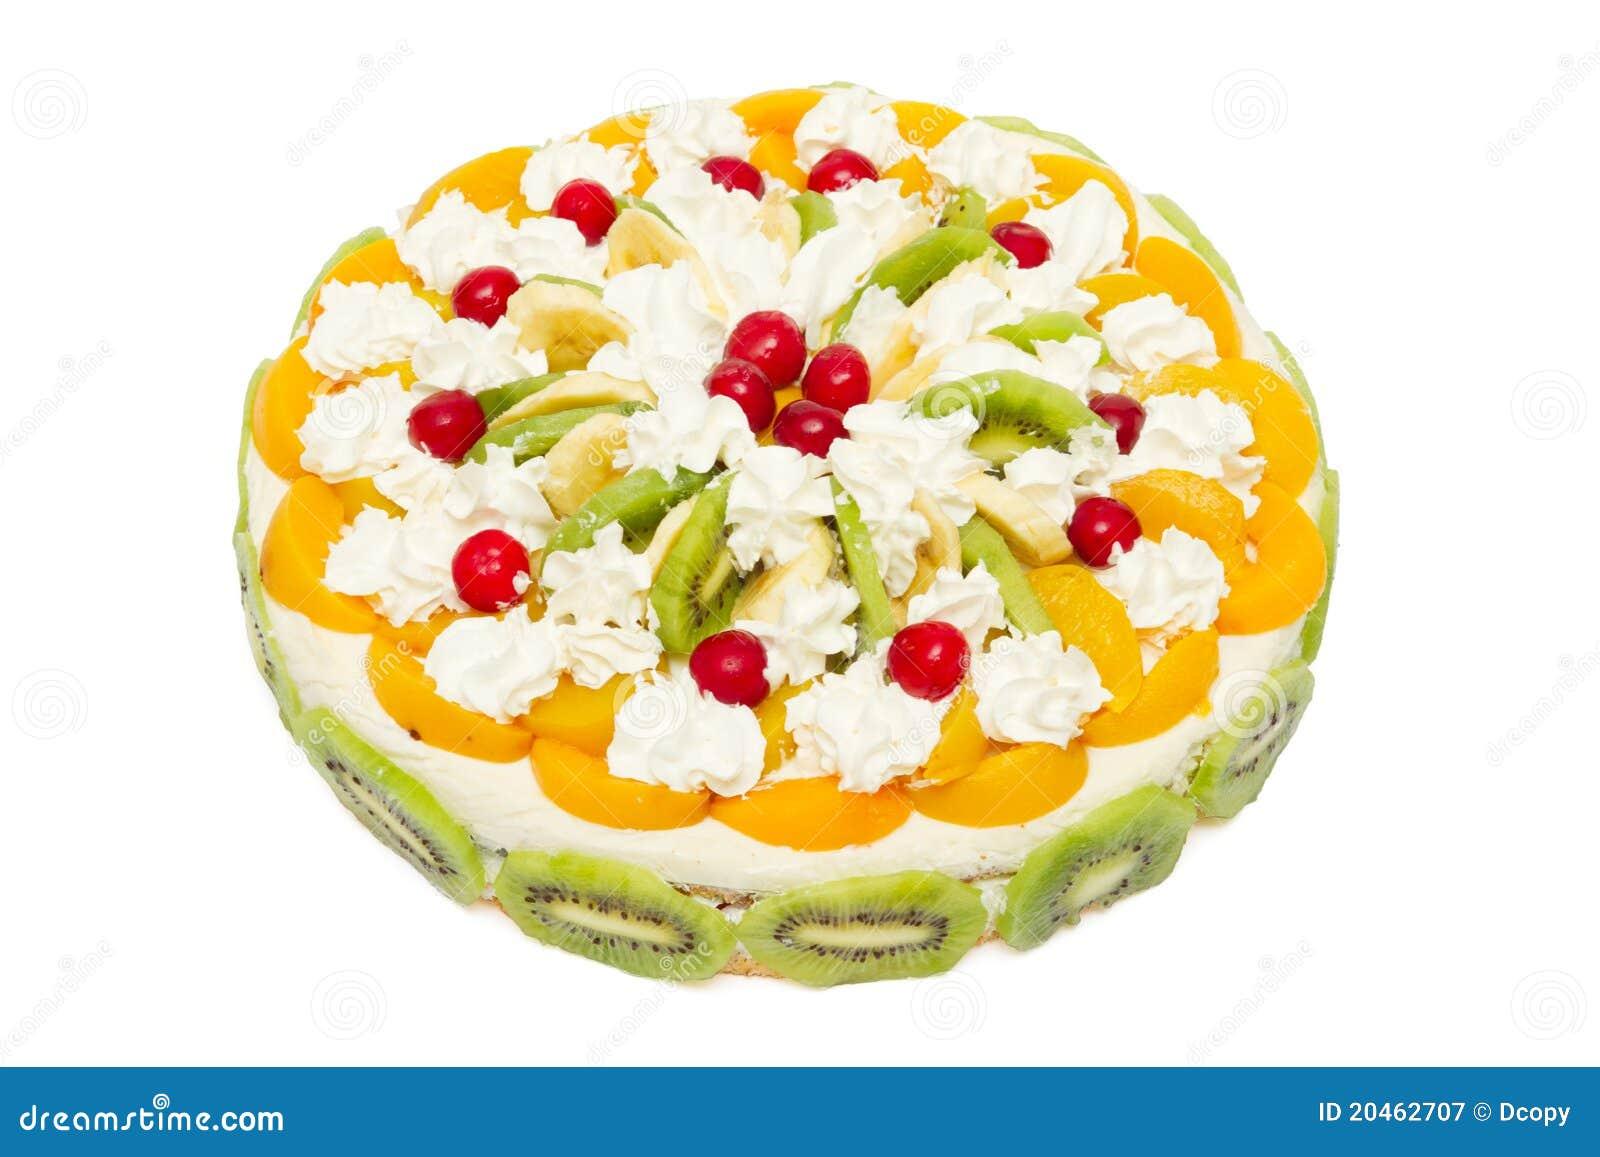 Beautiful Fruit Cake Images : Beautiful Decorated Fruit Cake Royalty Free Stock ...